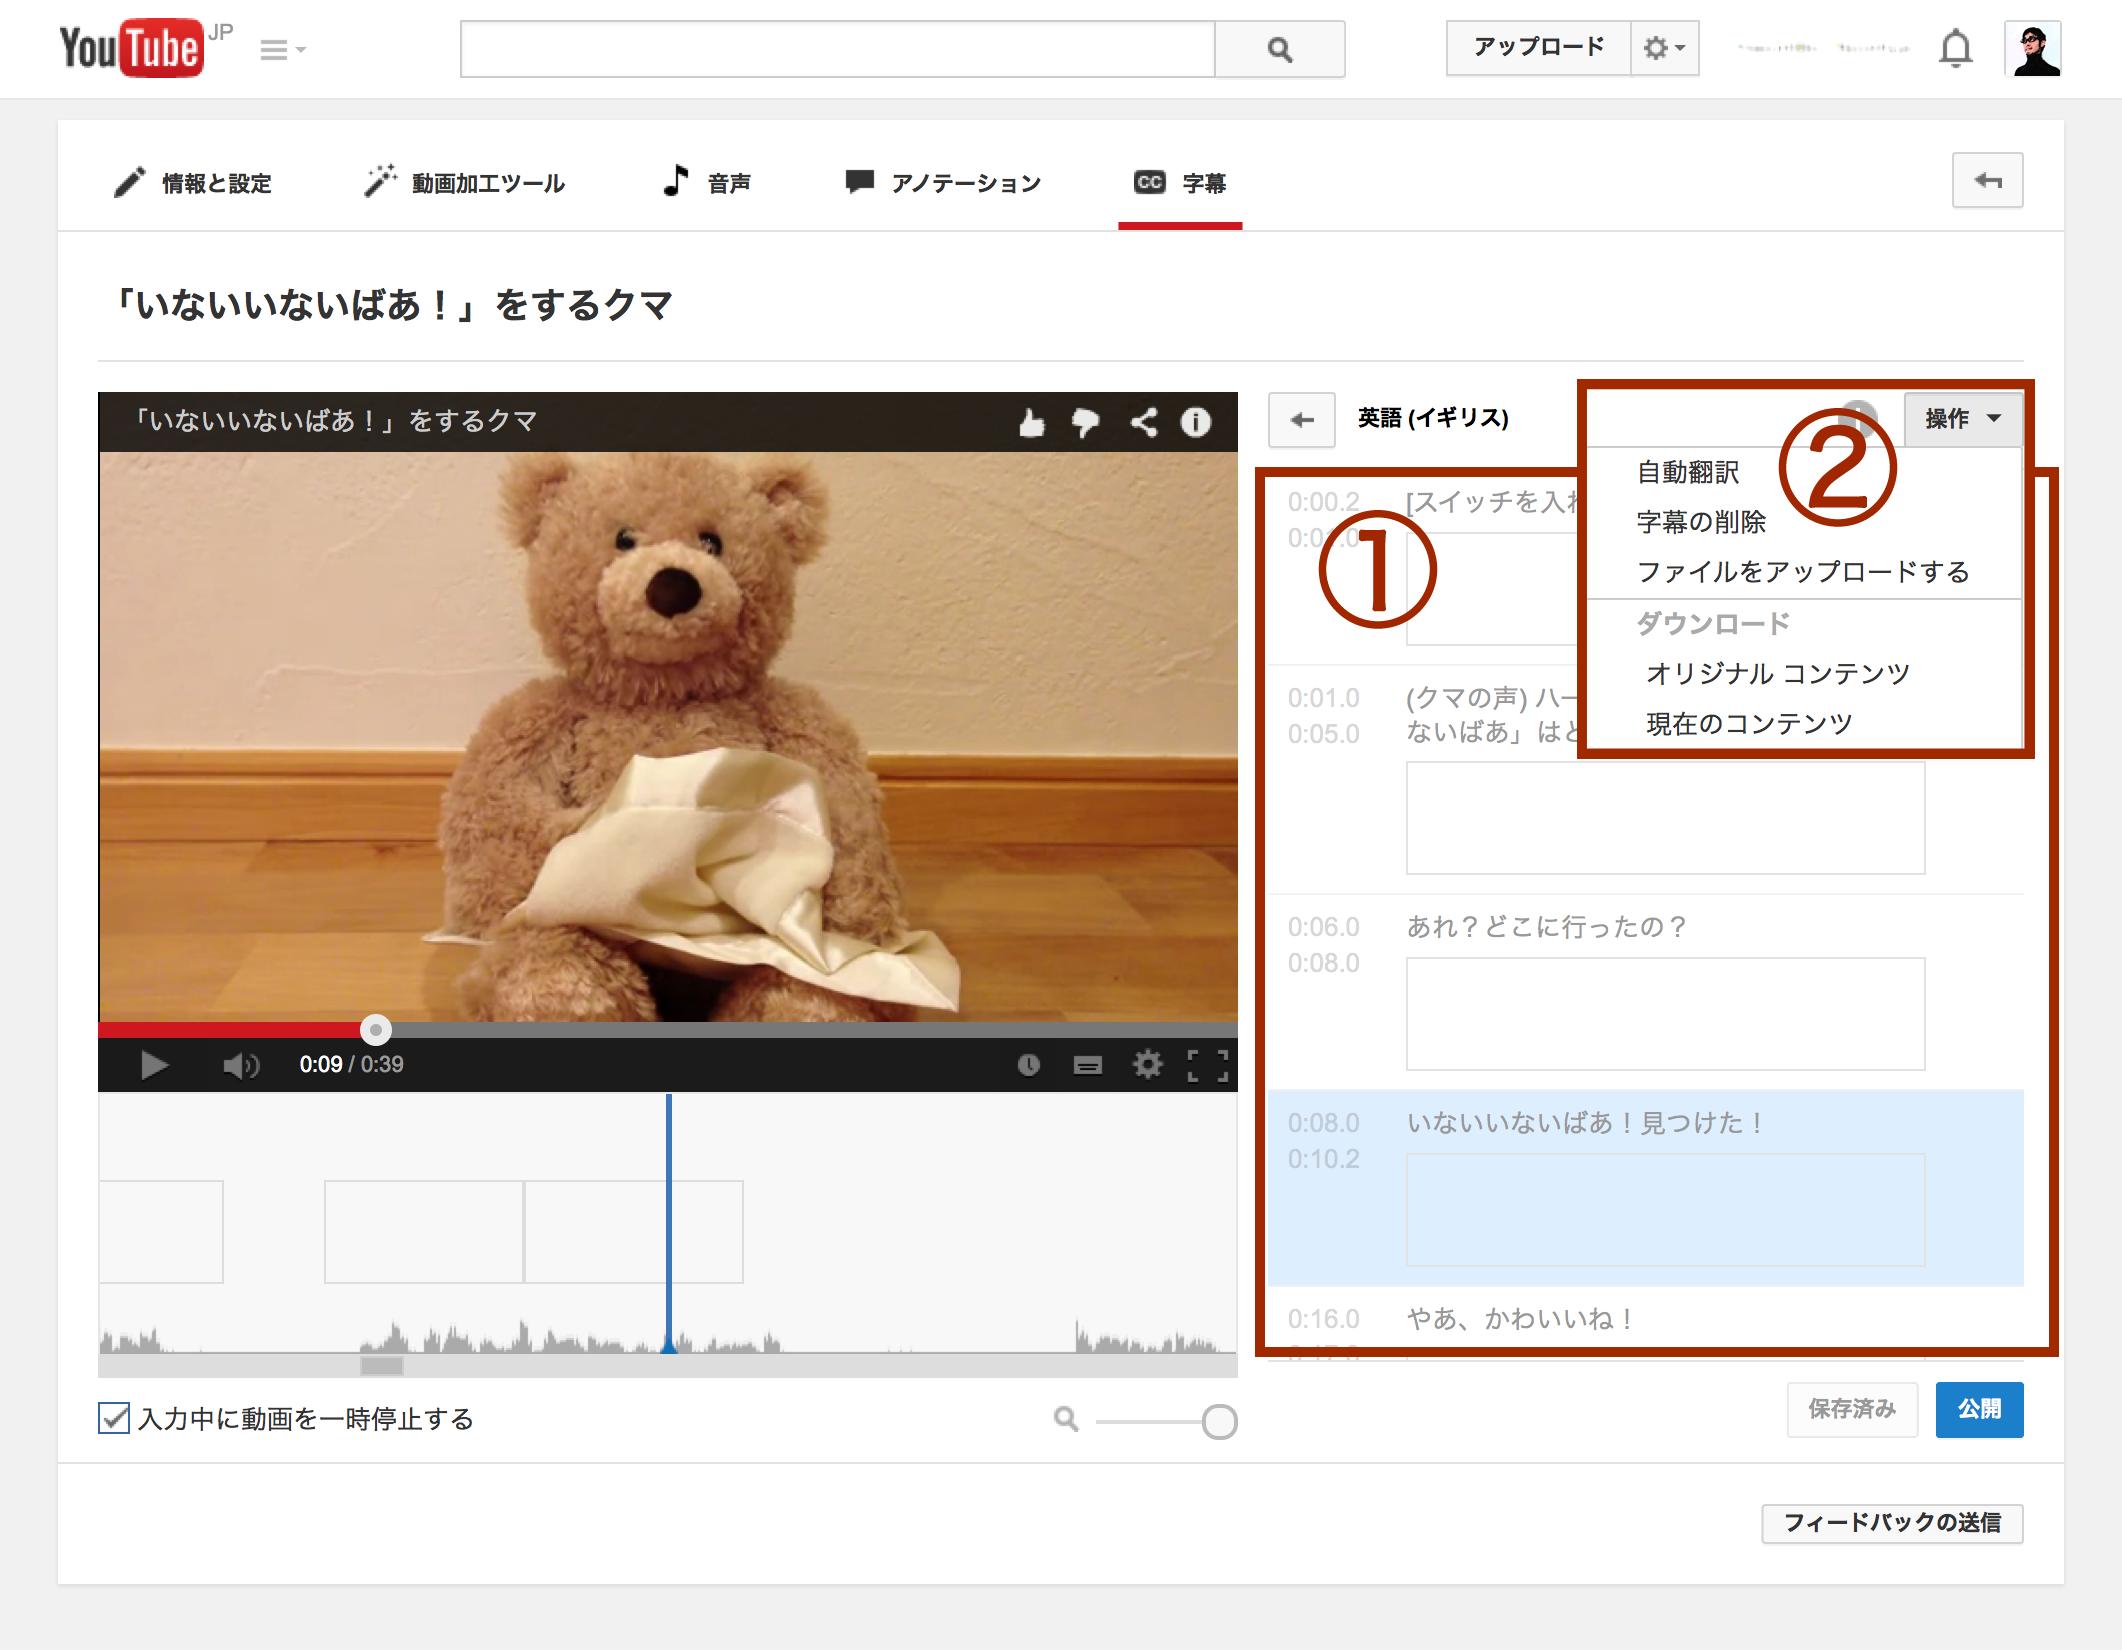 多言語展開する際のタイムライン編集画面